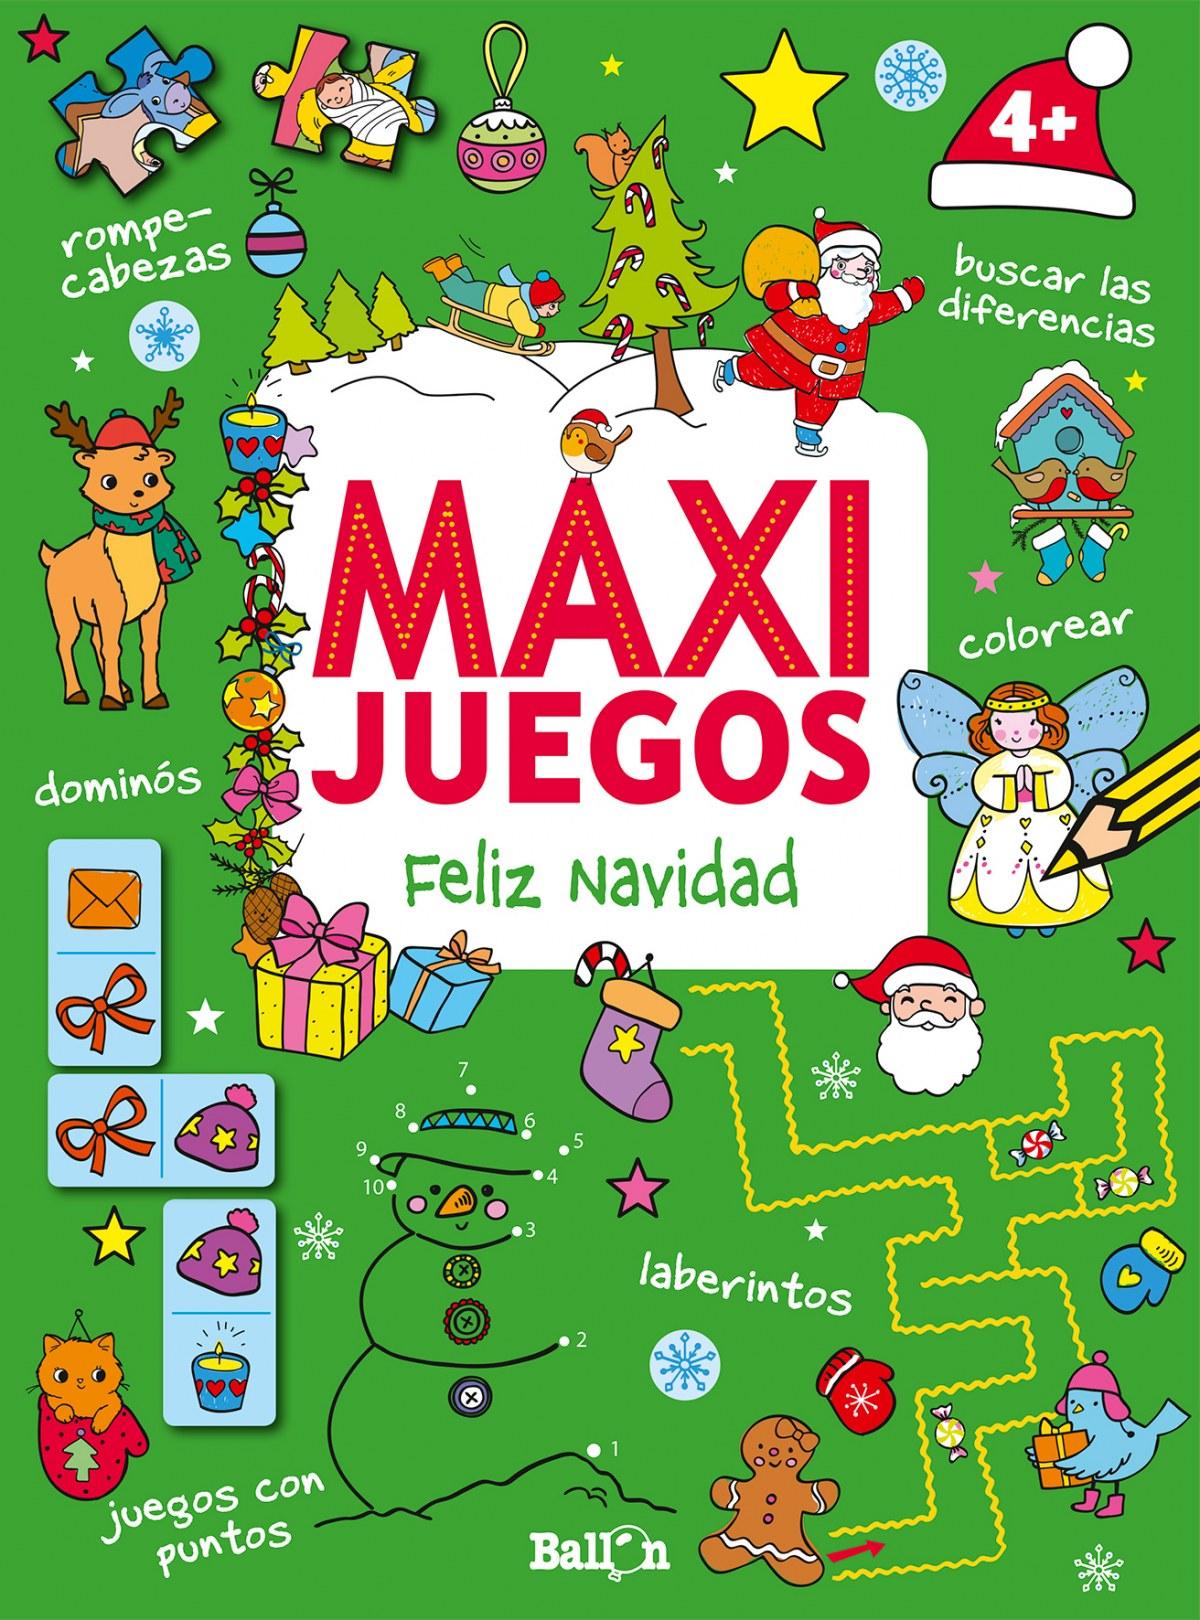 MAXI JUEGOS FELIZ NAVIDAD